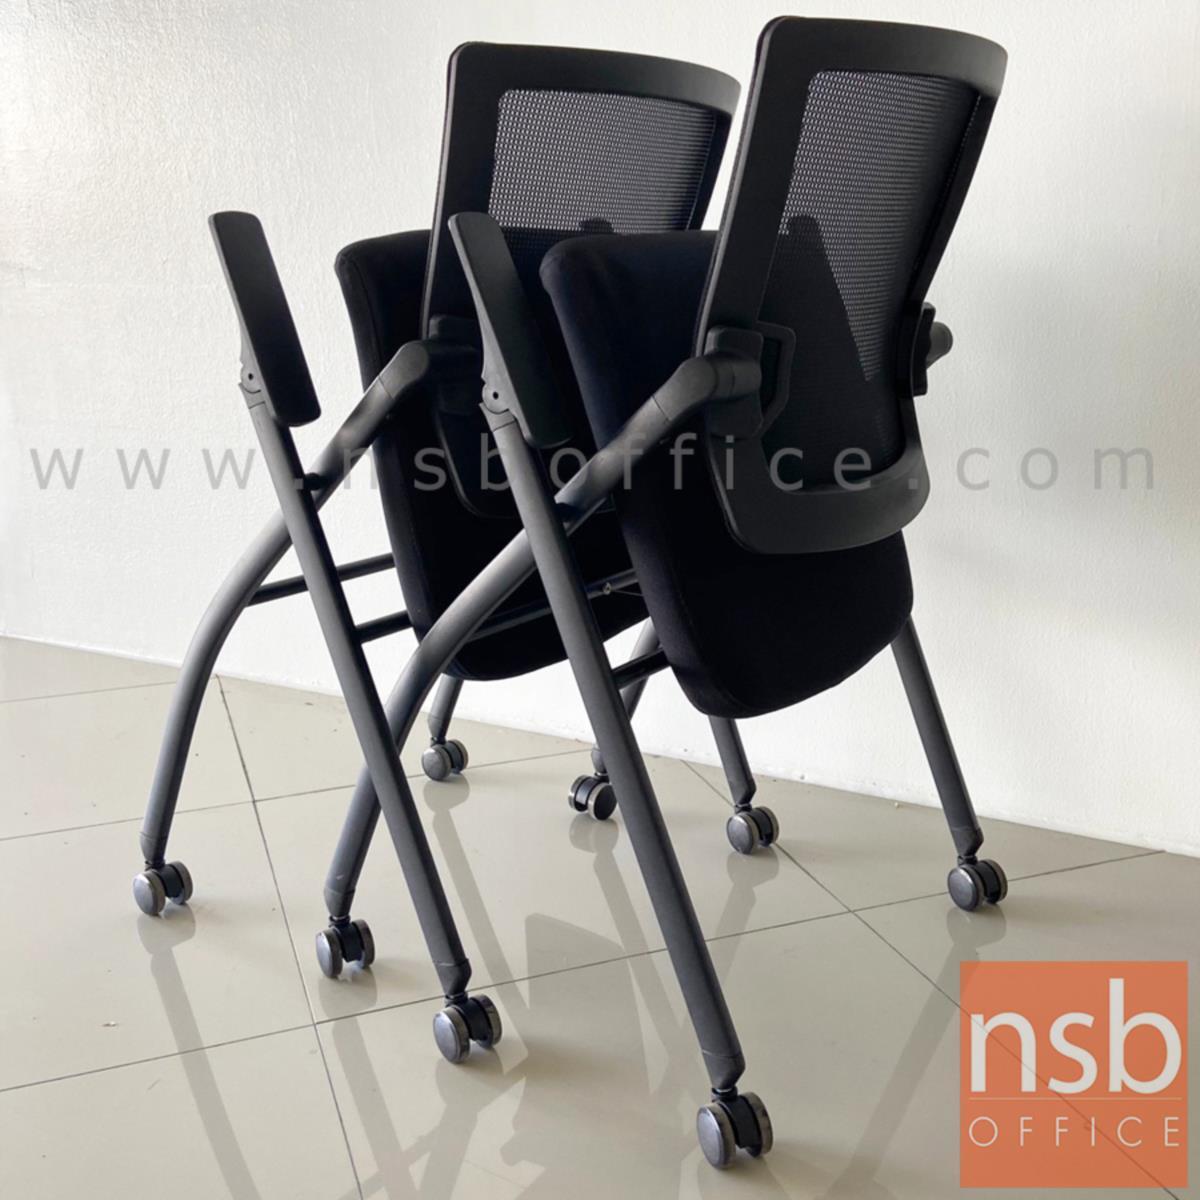 เก้าอี้เลคเชอร์หลังเน็ตล้อเลื่อน รุ่น Connec (คอนเนก)  ขาเหล็กพ่นสีดำ ท้าวแขนปรับได้